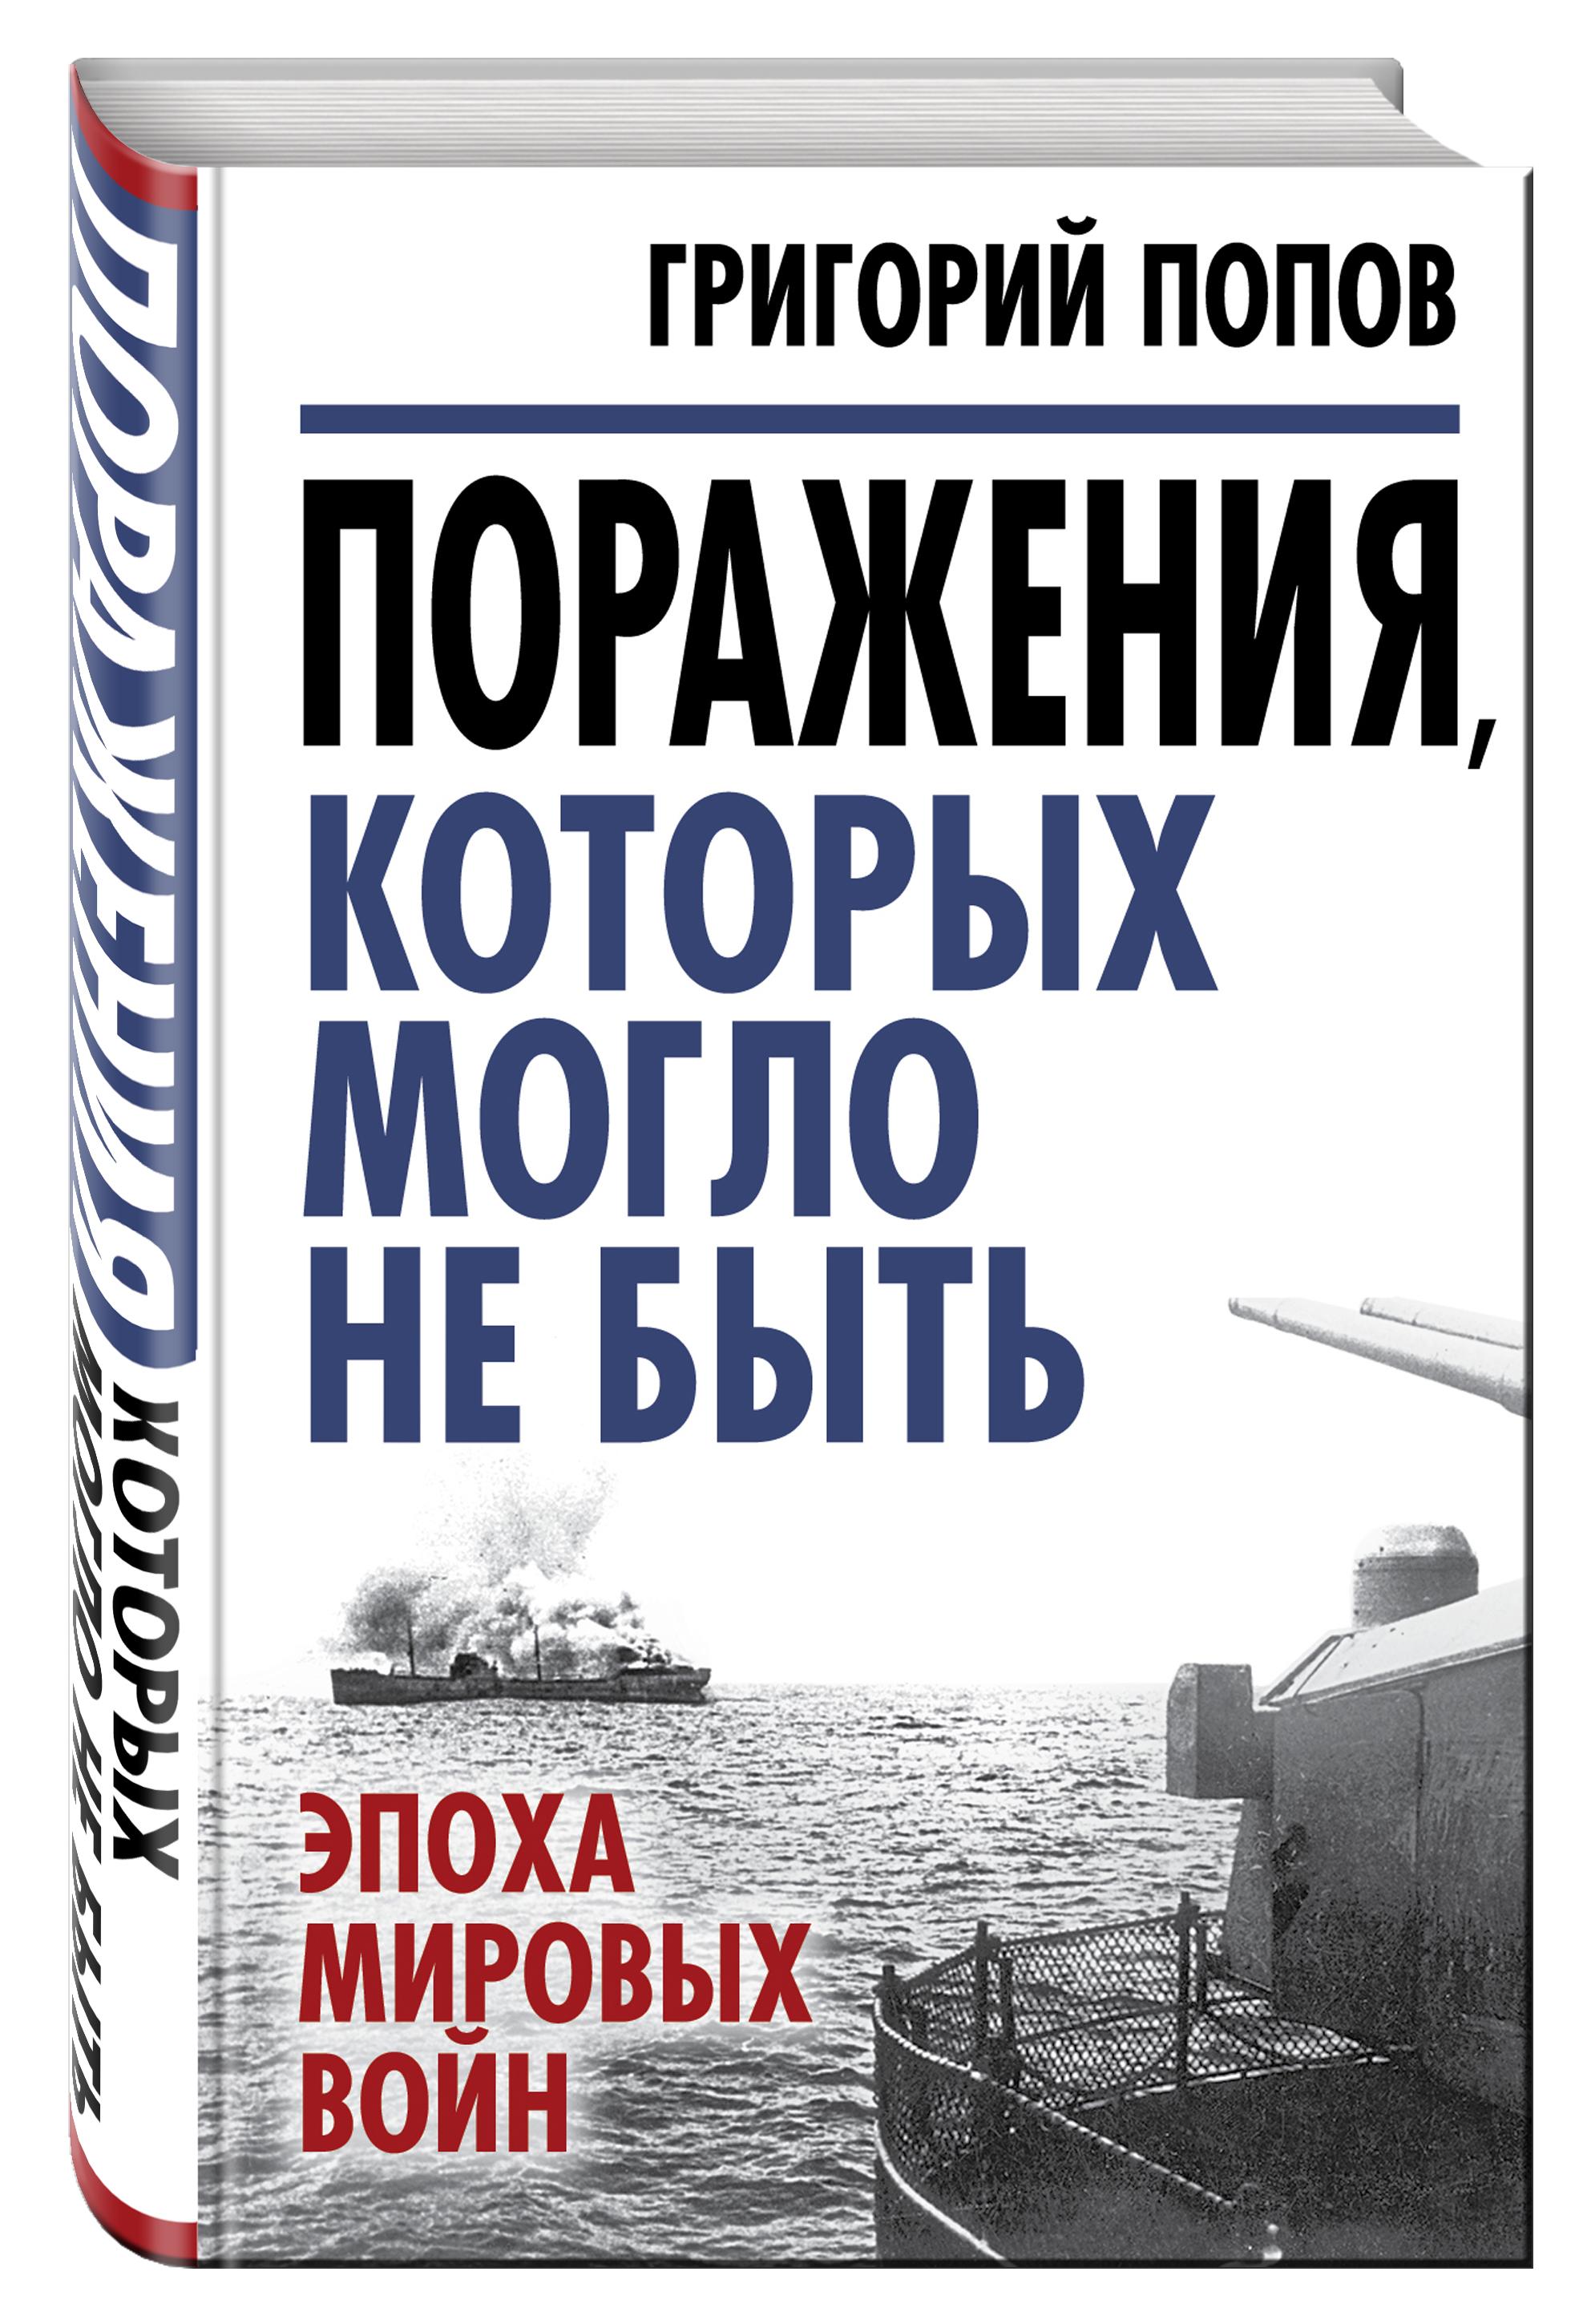 Попов Г.Г. Поражения, которых могло не быть: эпоха мировых войн